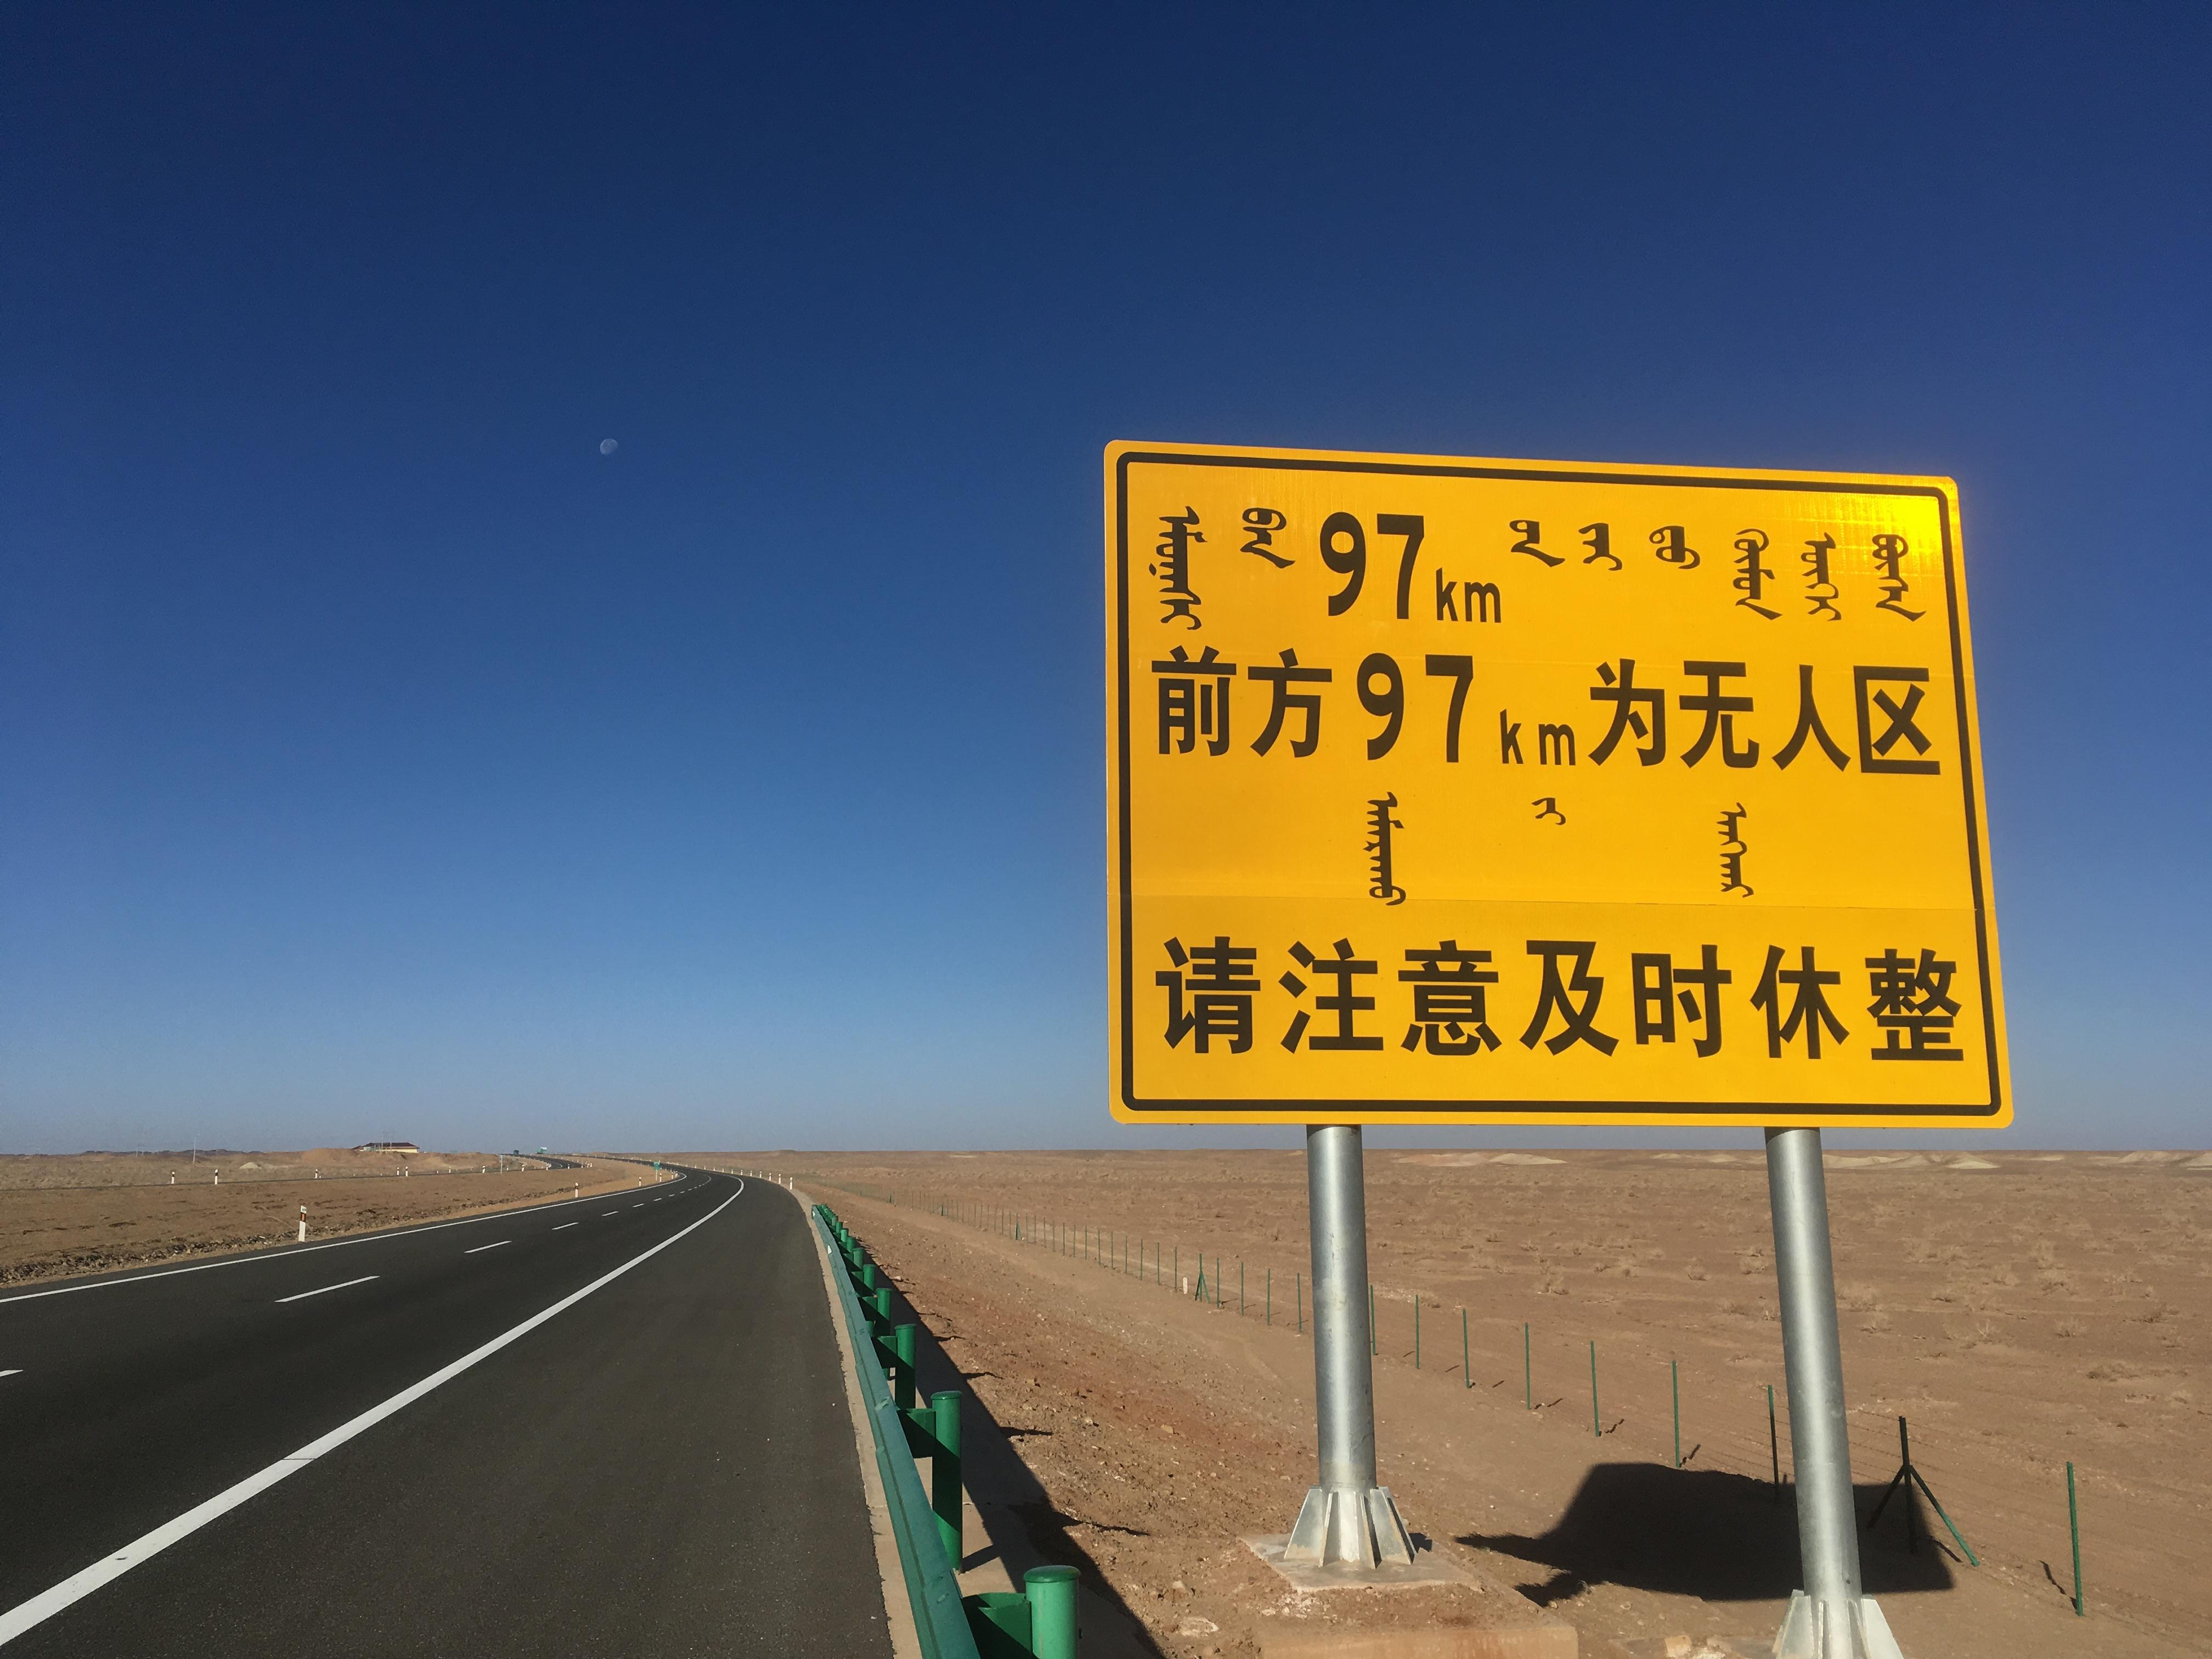 老司機 劃重點 親歷世界上最長的沙漠高速公路G7京新高速